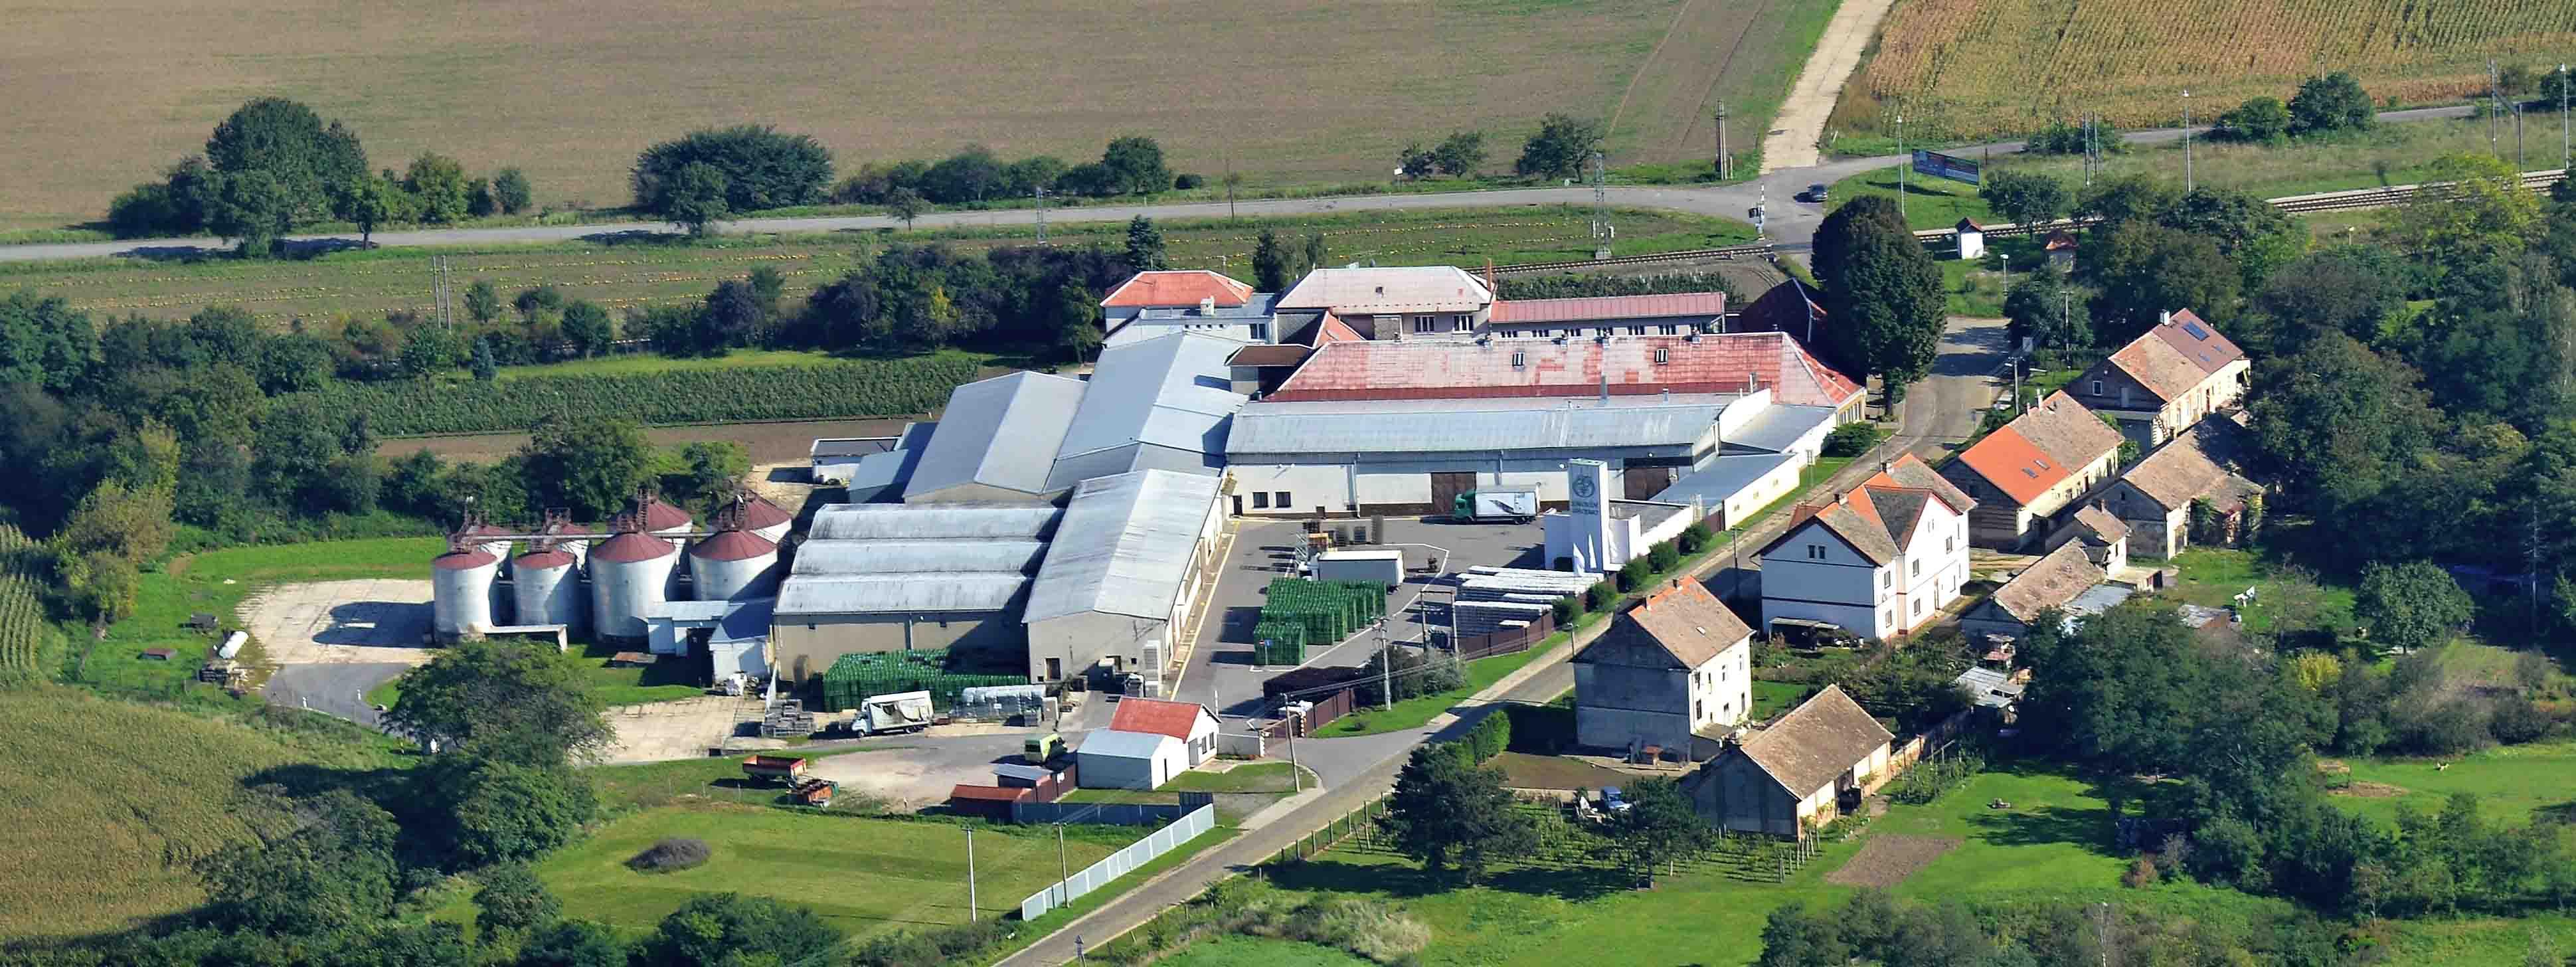 Znovín - sídlo a hlavní výrobní závod v Šatově